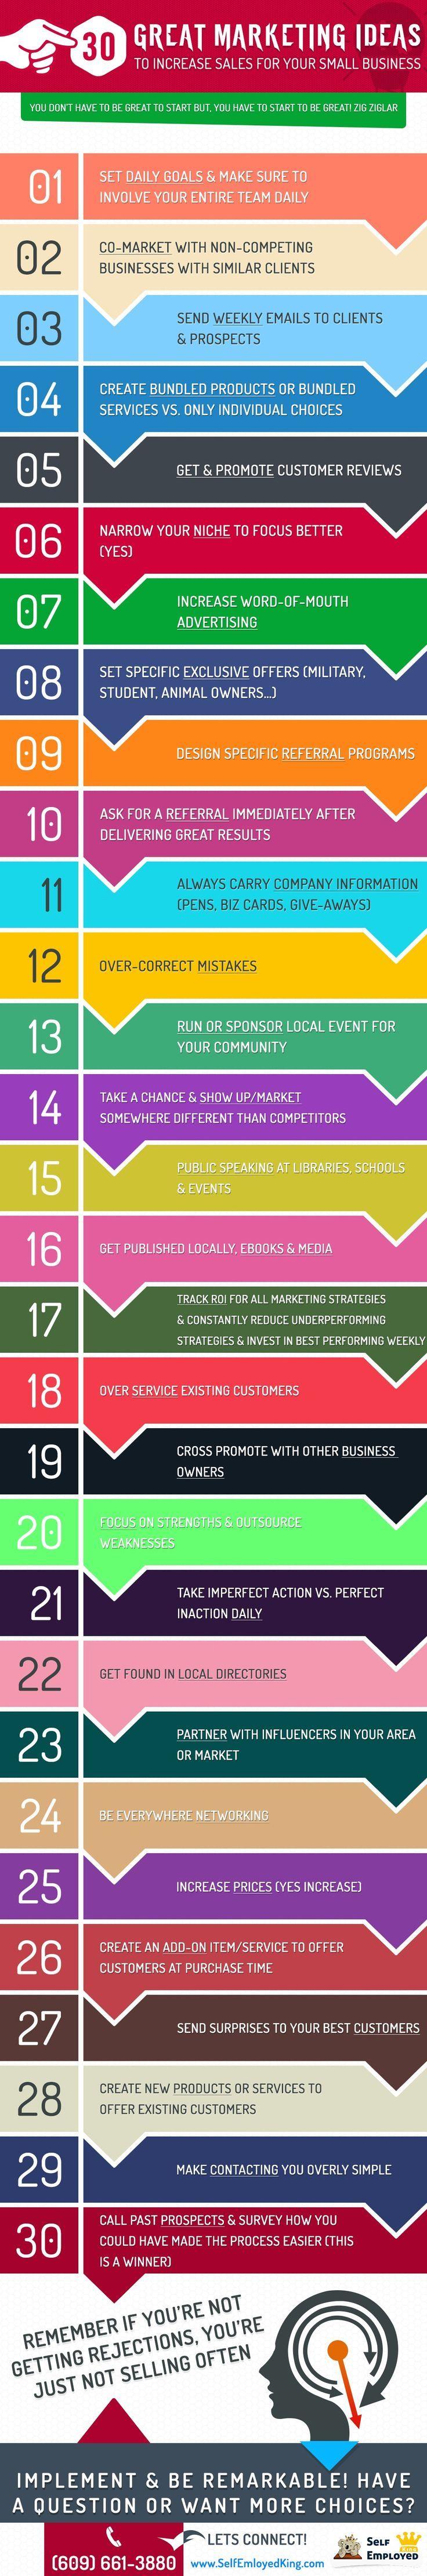 30 Ideas de marketing para incrementar las ventas #marketing